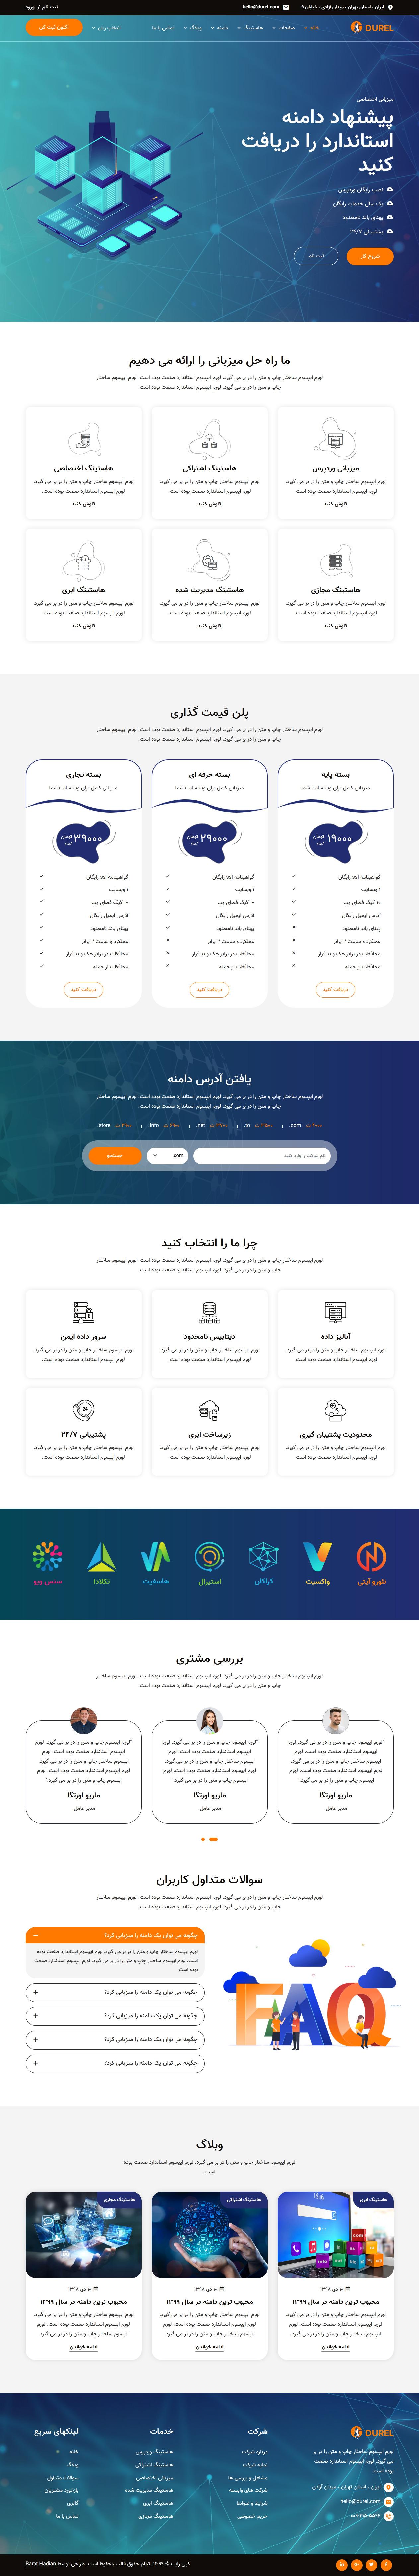 ویژگی ها و صفحات پوسته HTML شرکتی خدمات هاستینگ و ثبت دامنه دورل